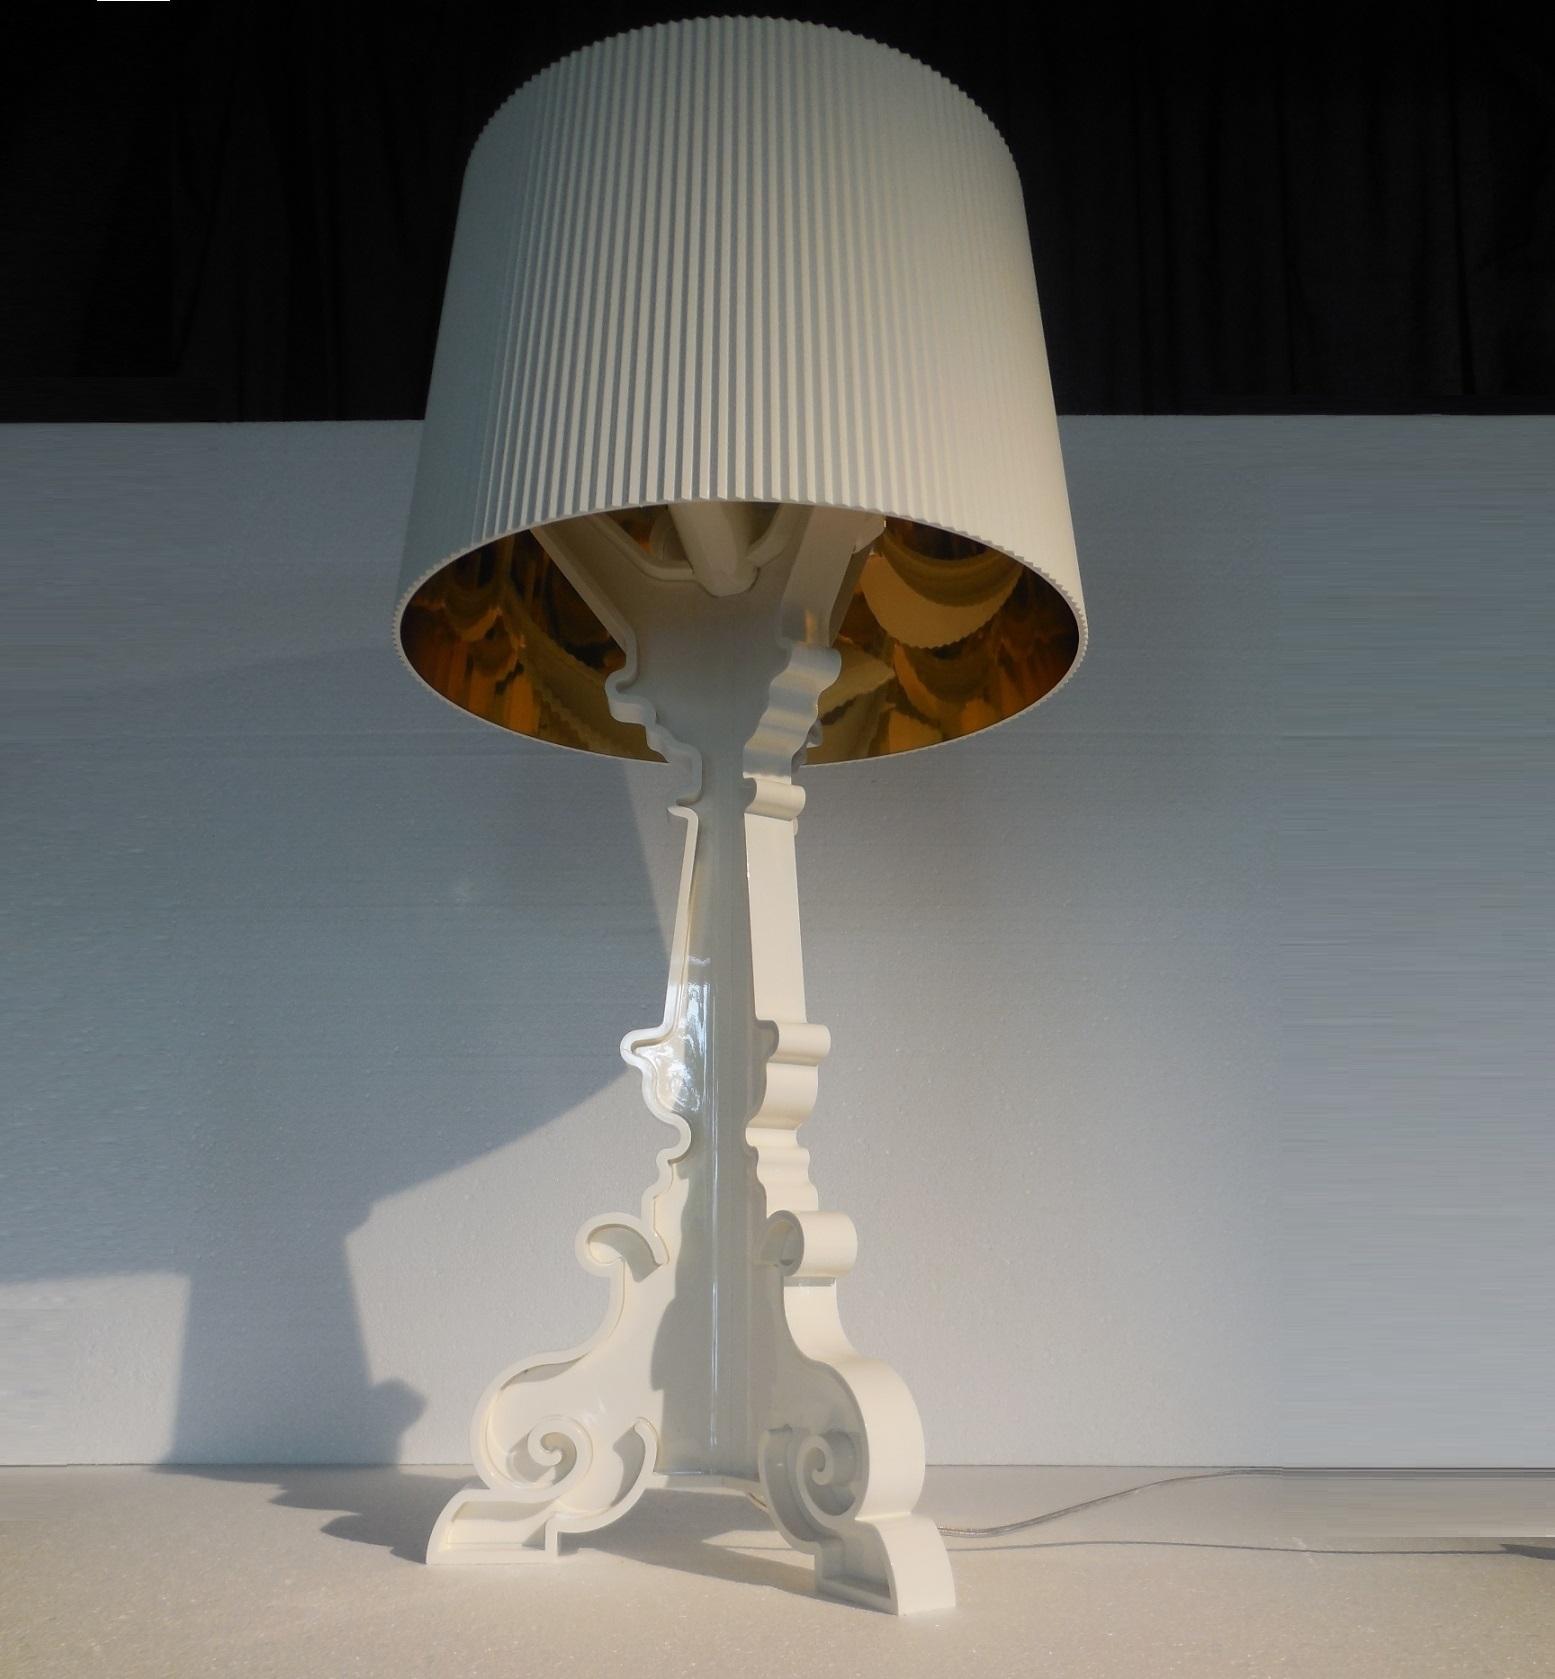 Illuminazione Kartell 9076 lampada bourgie white lampada kartell , promozione Lampade da tavolo ...